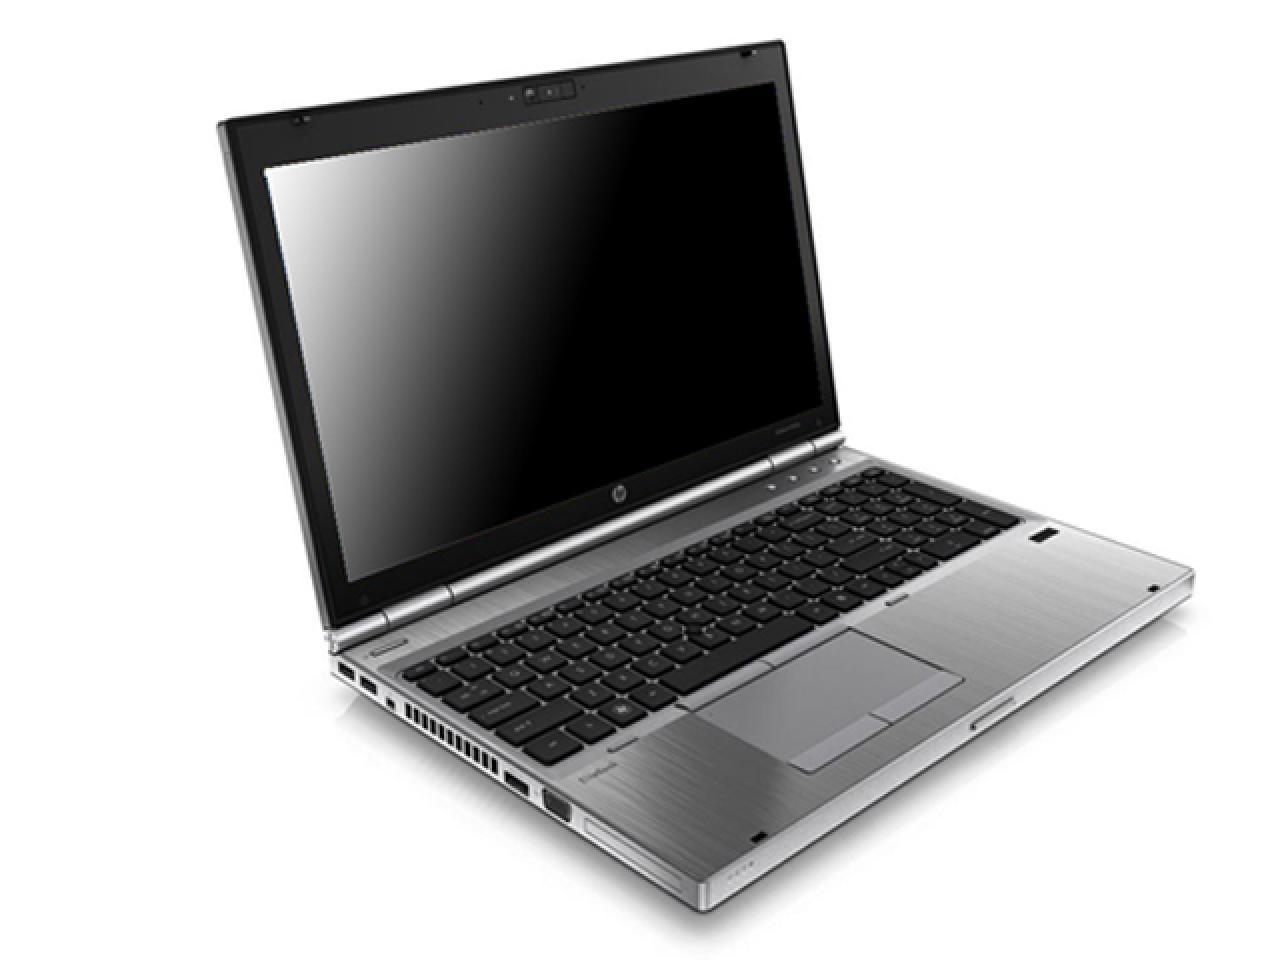 Hewlett Packard EliteBook 8560p  - shop.bb-net.de